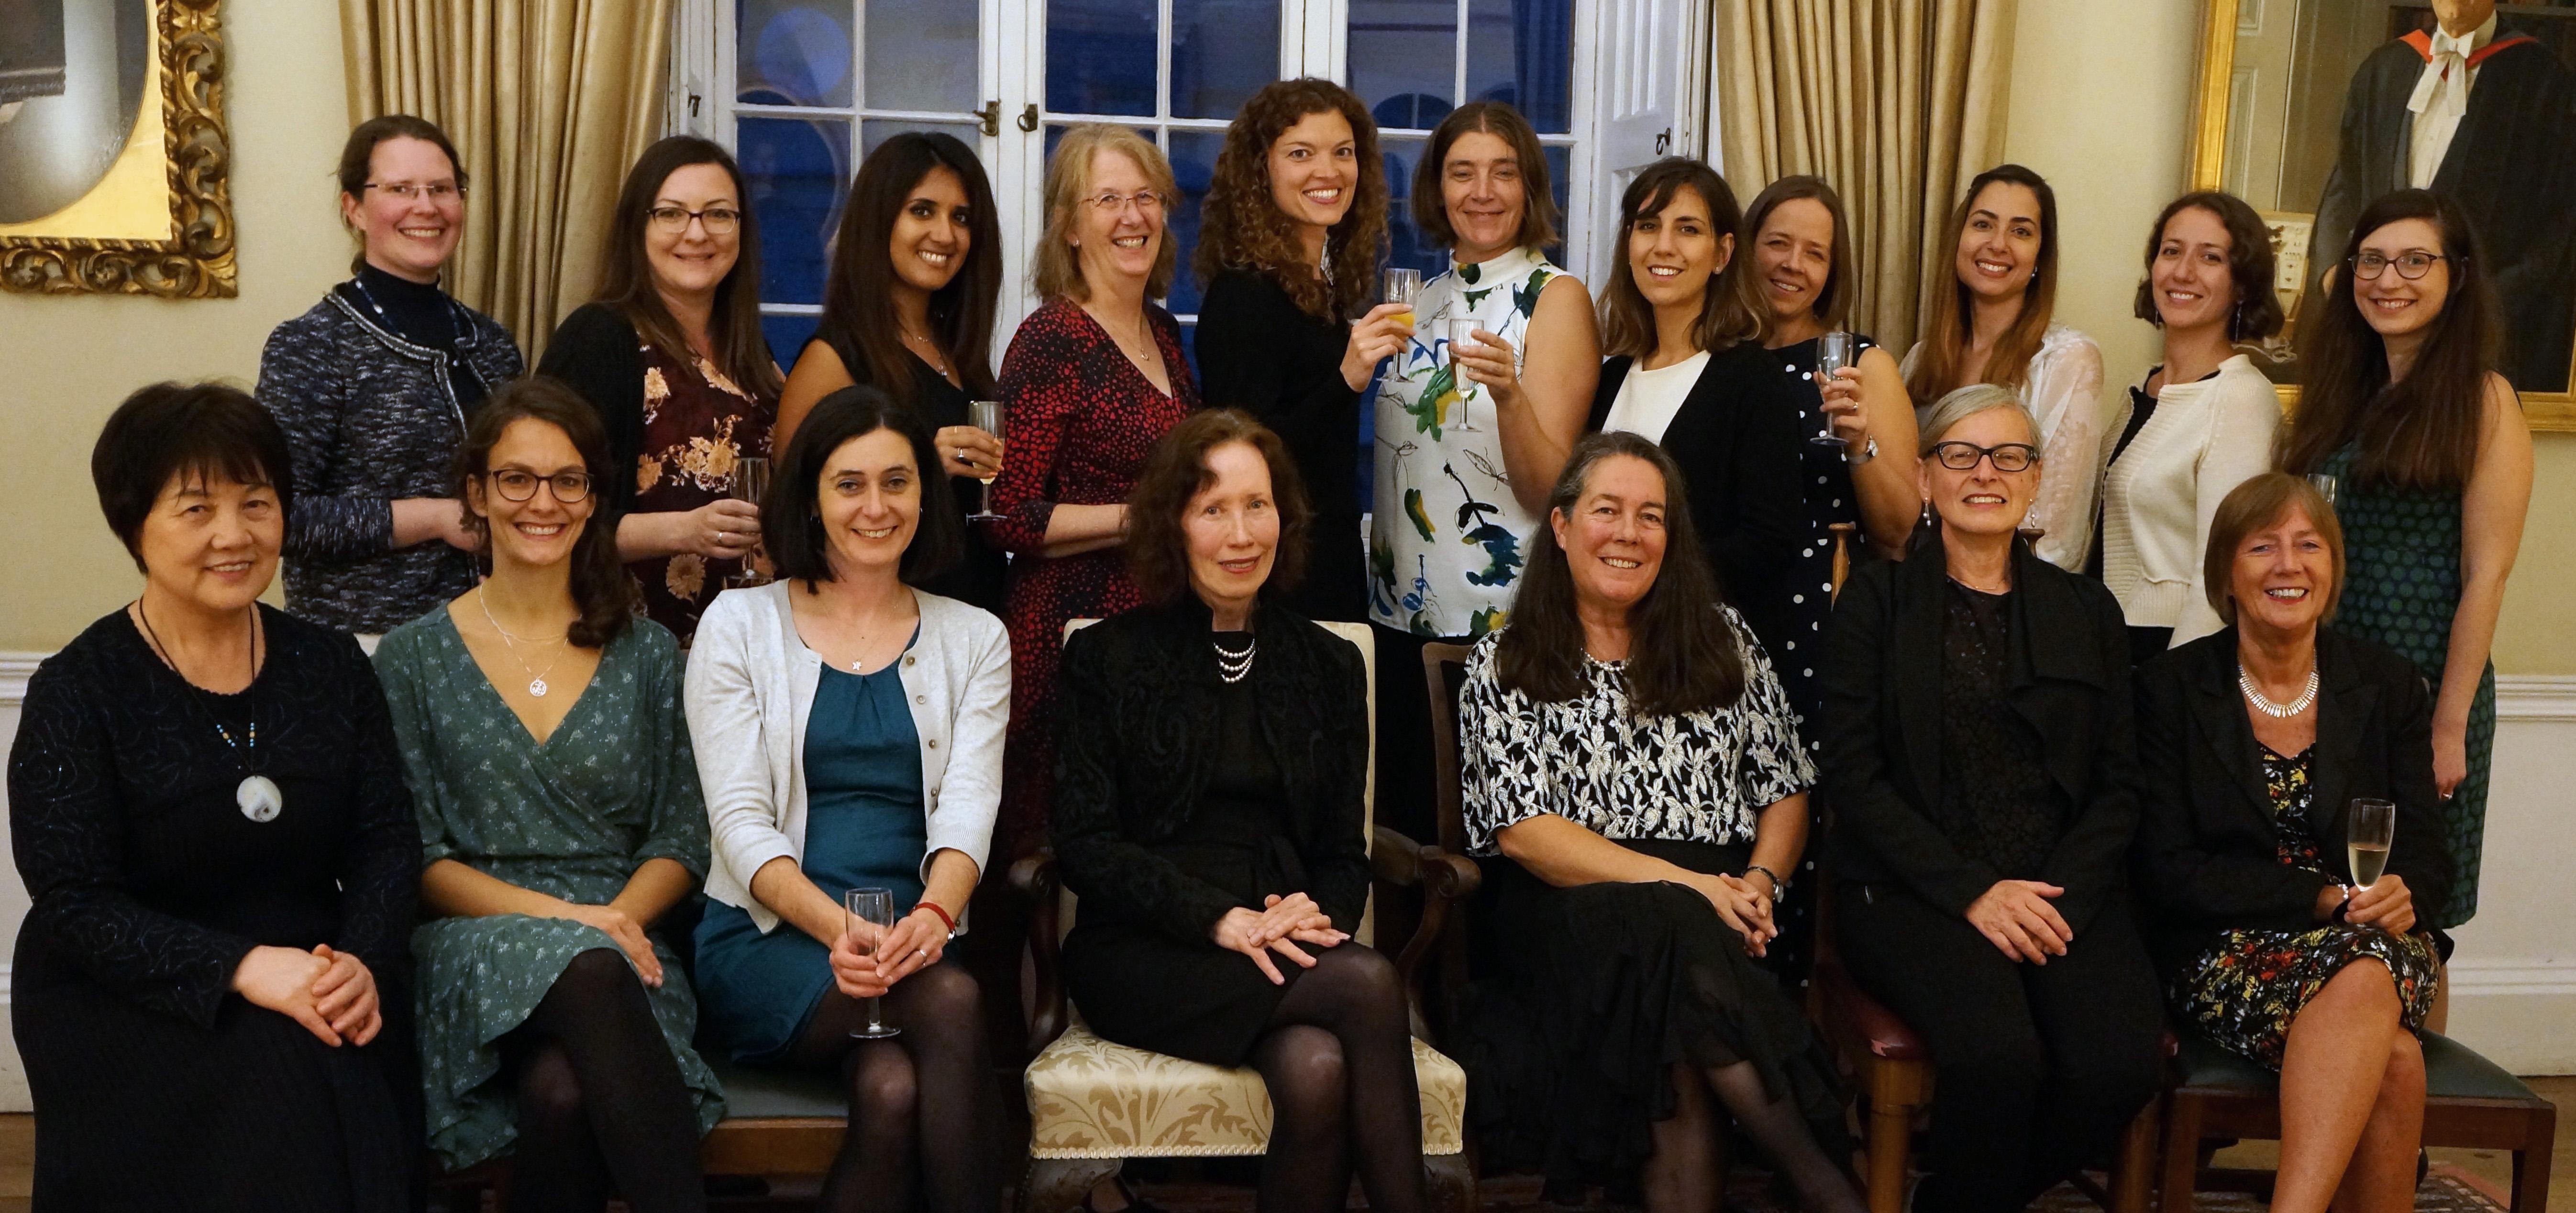 DPAG Women's Dinner 30 Sept 2019.005.jpg